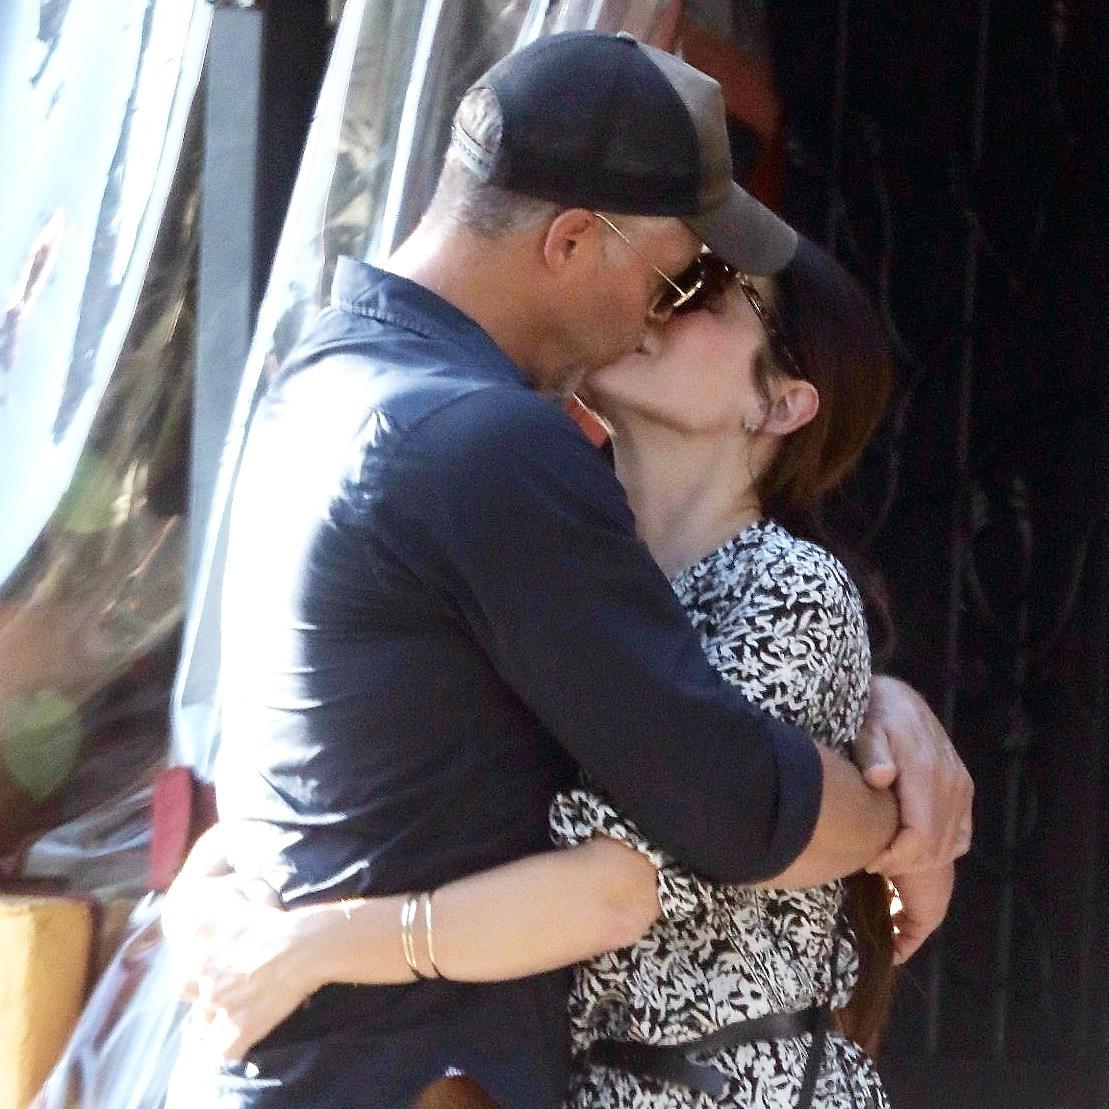 Sandra Bullock Bryan Randall kissing